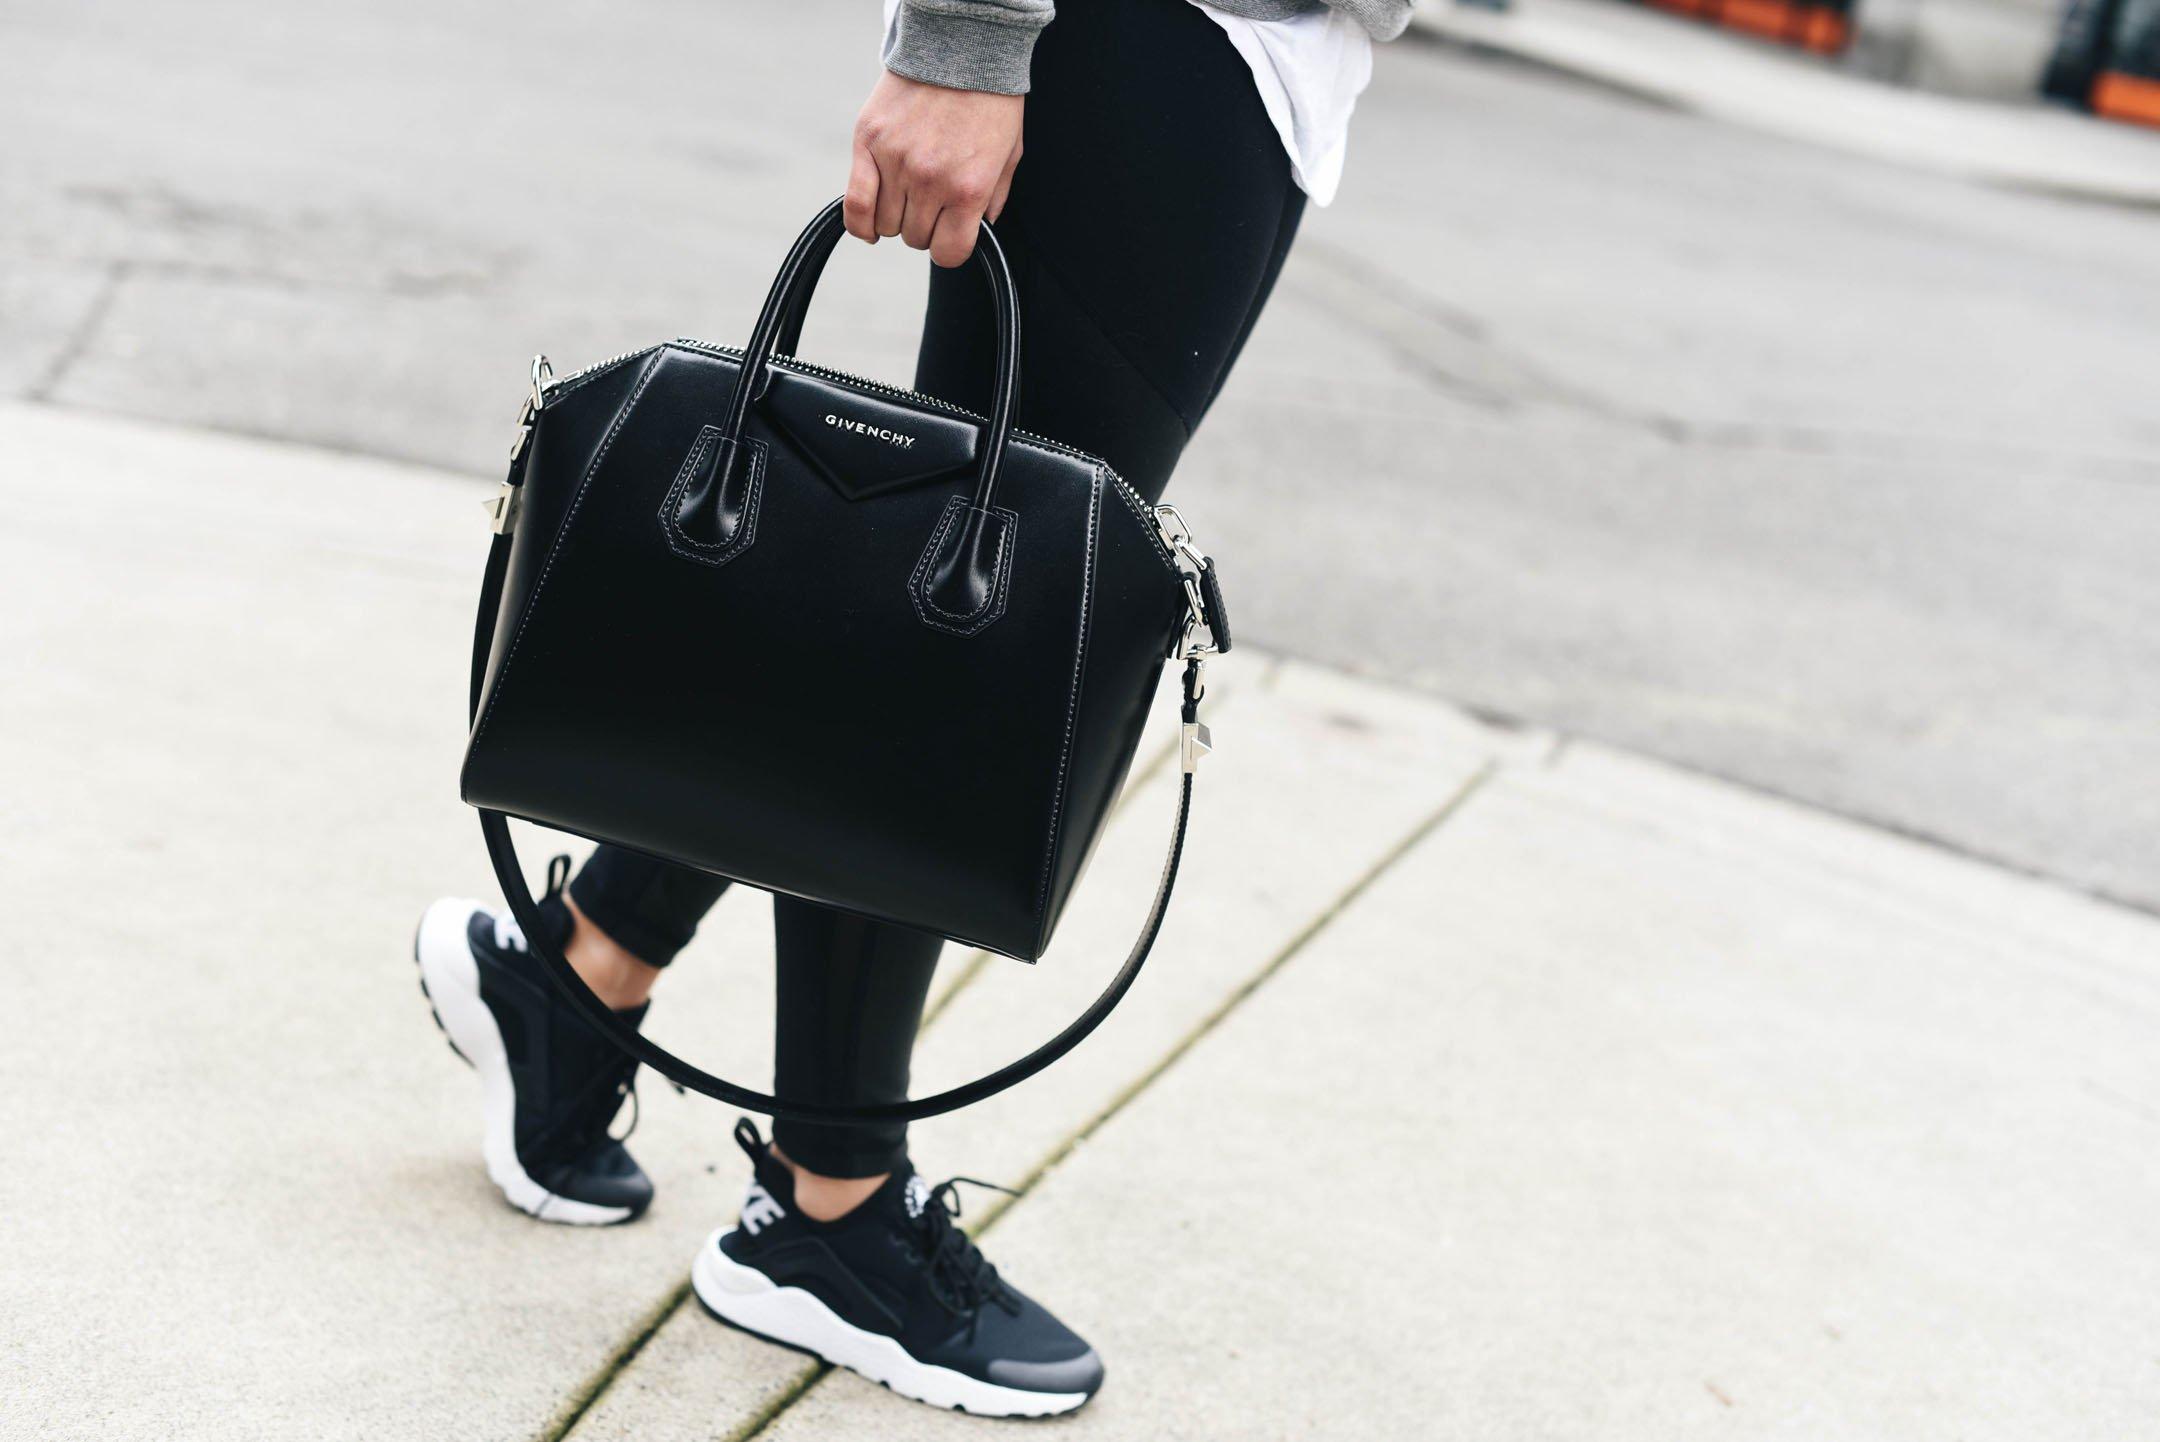 Crystalin Marie wearing Givenchy Antigona small satchel